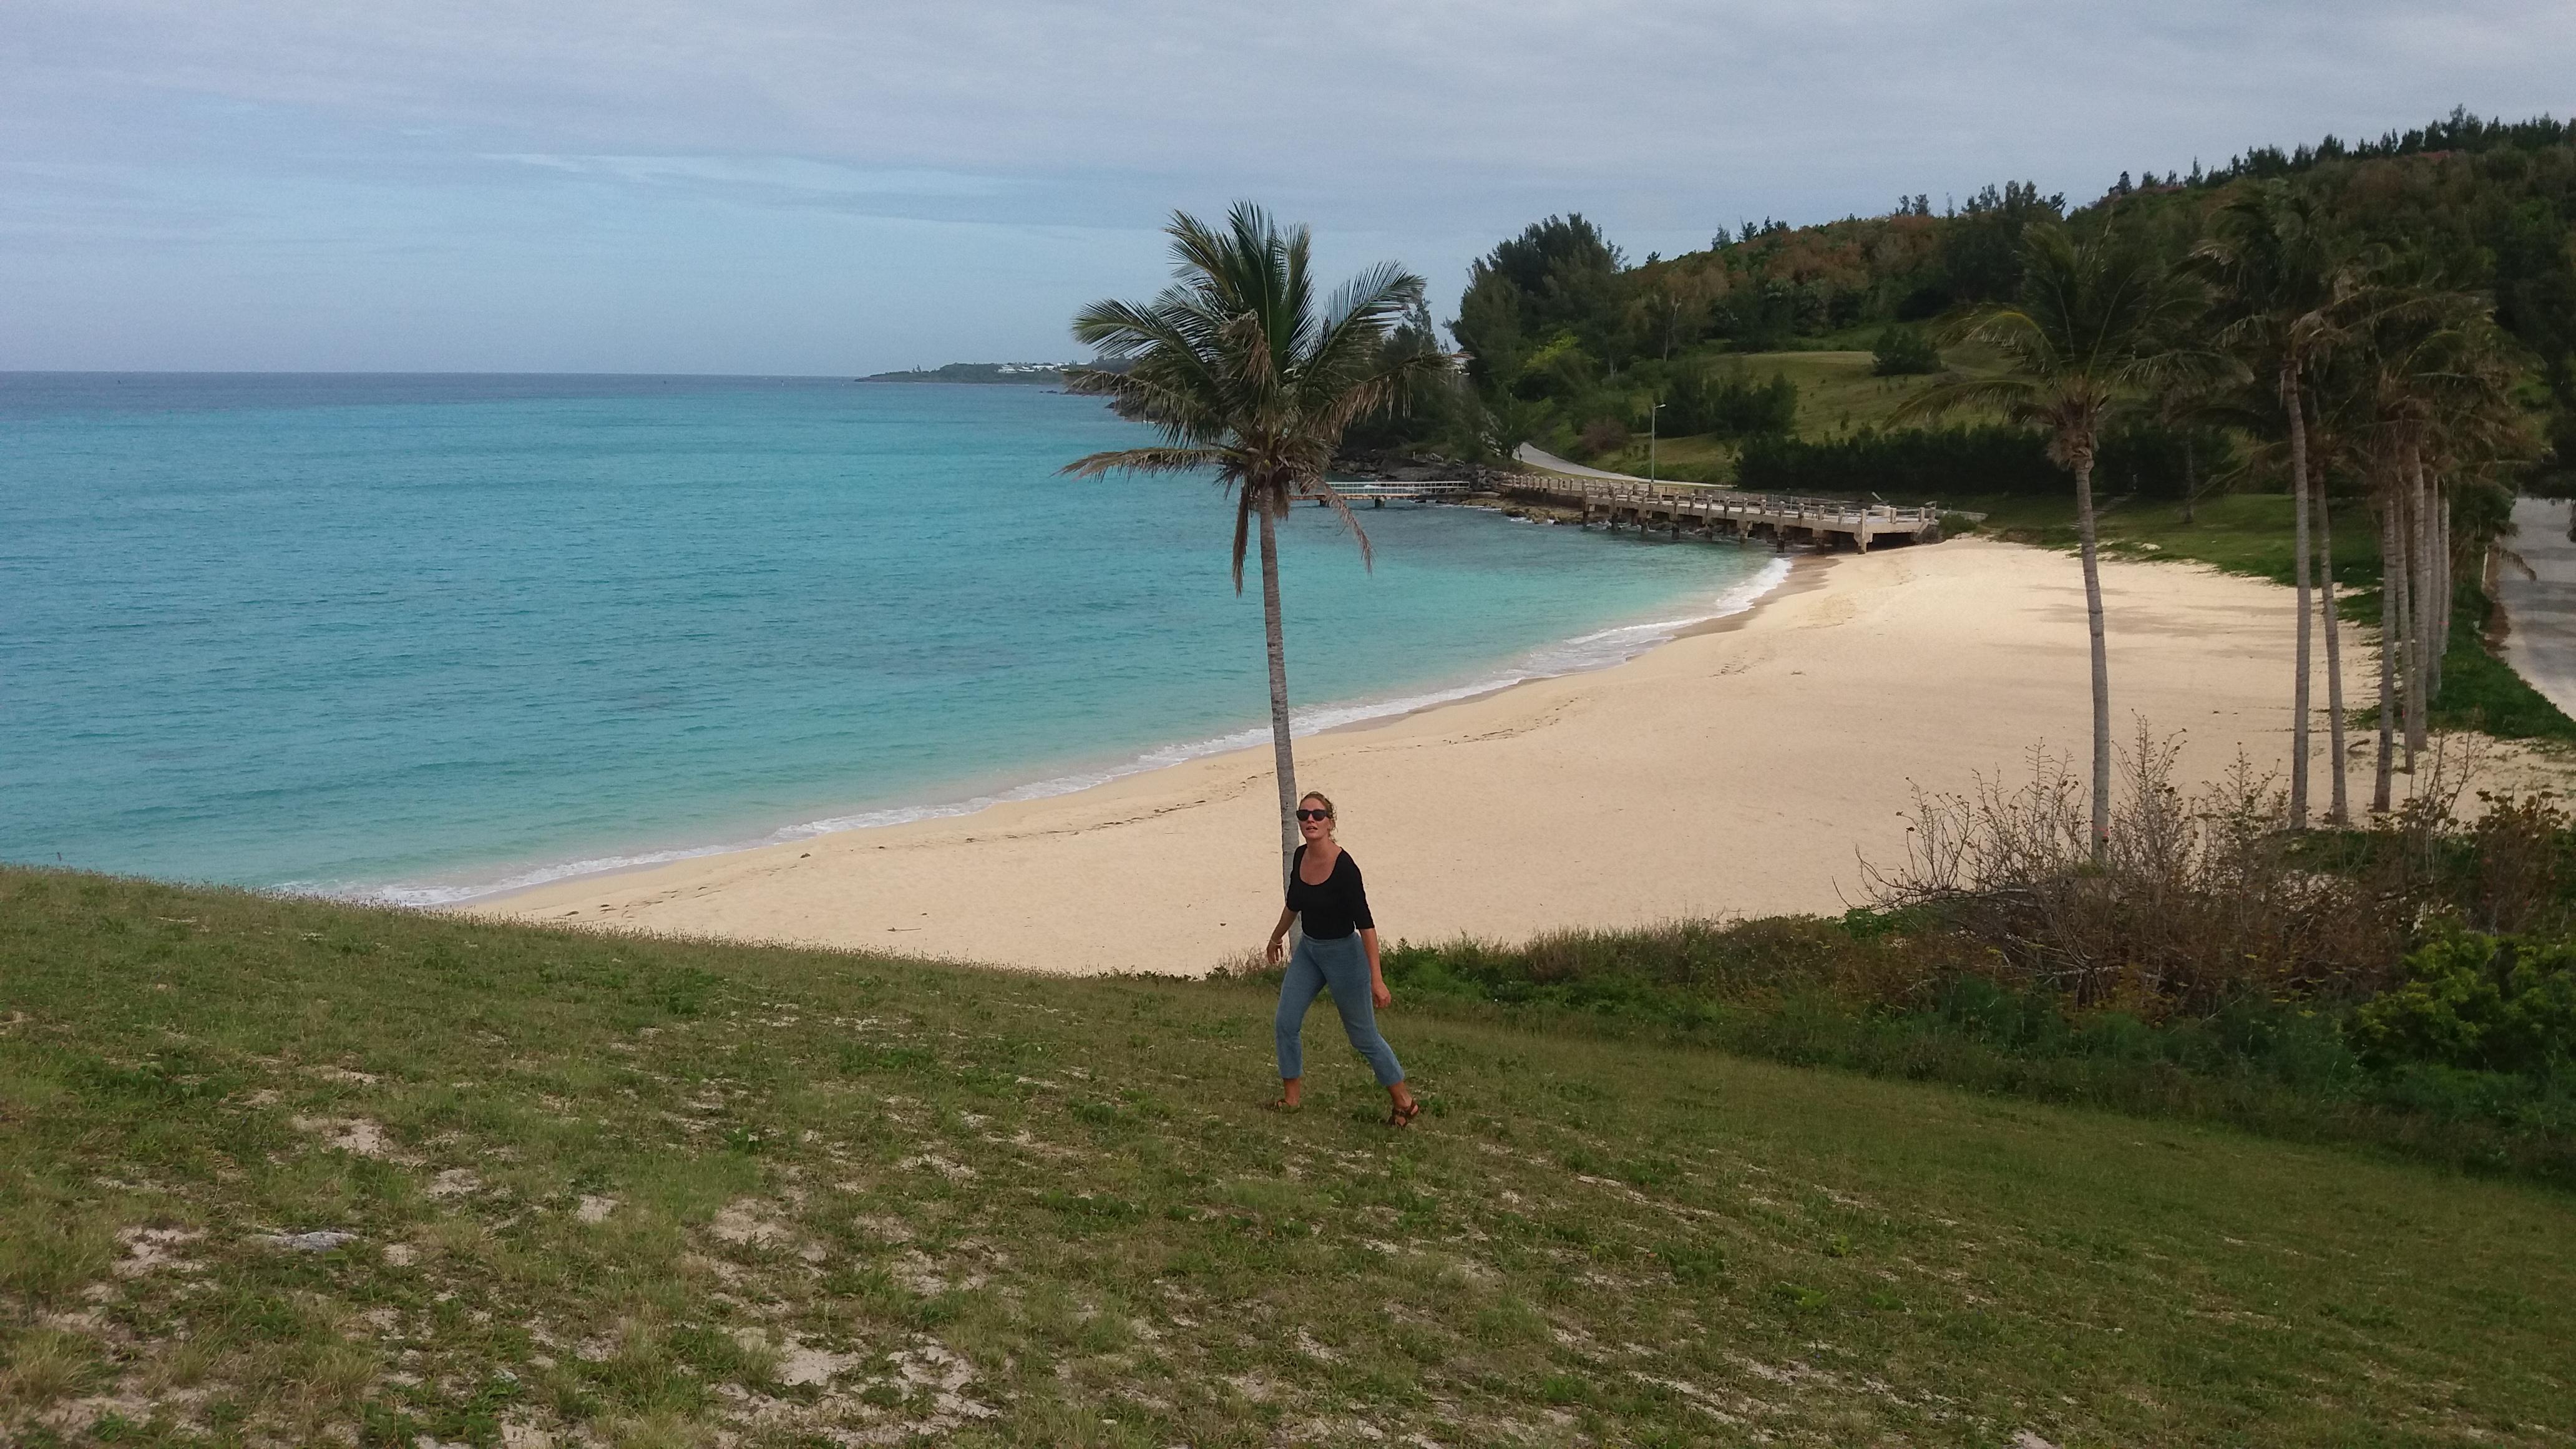 Bermuda kan også være med på de flotte sandstrande